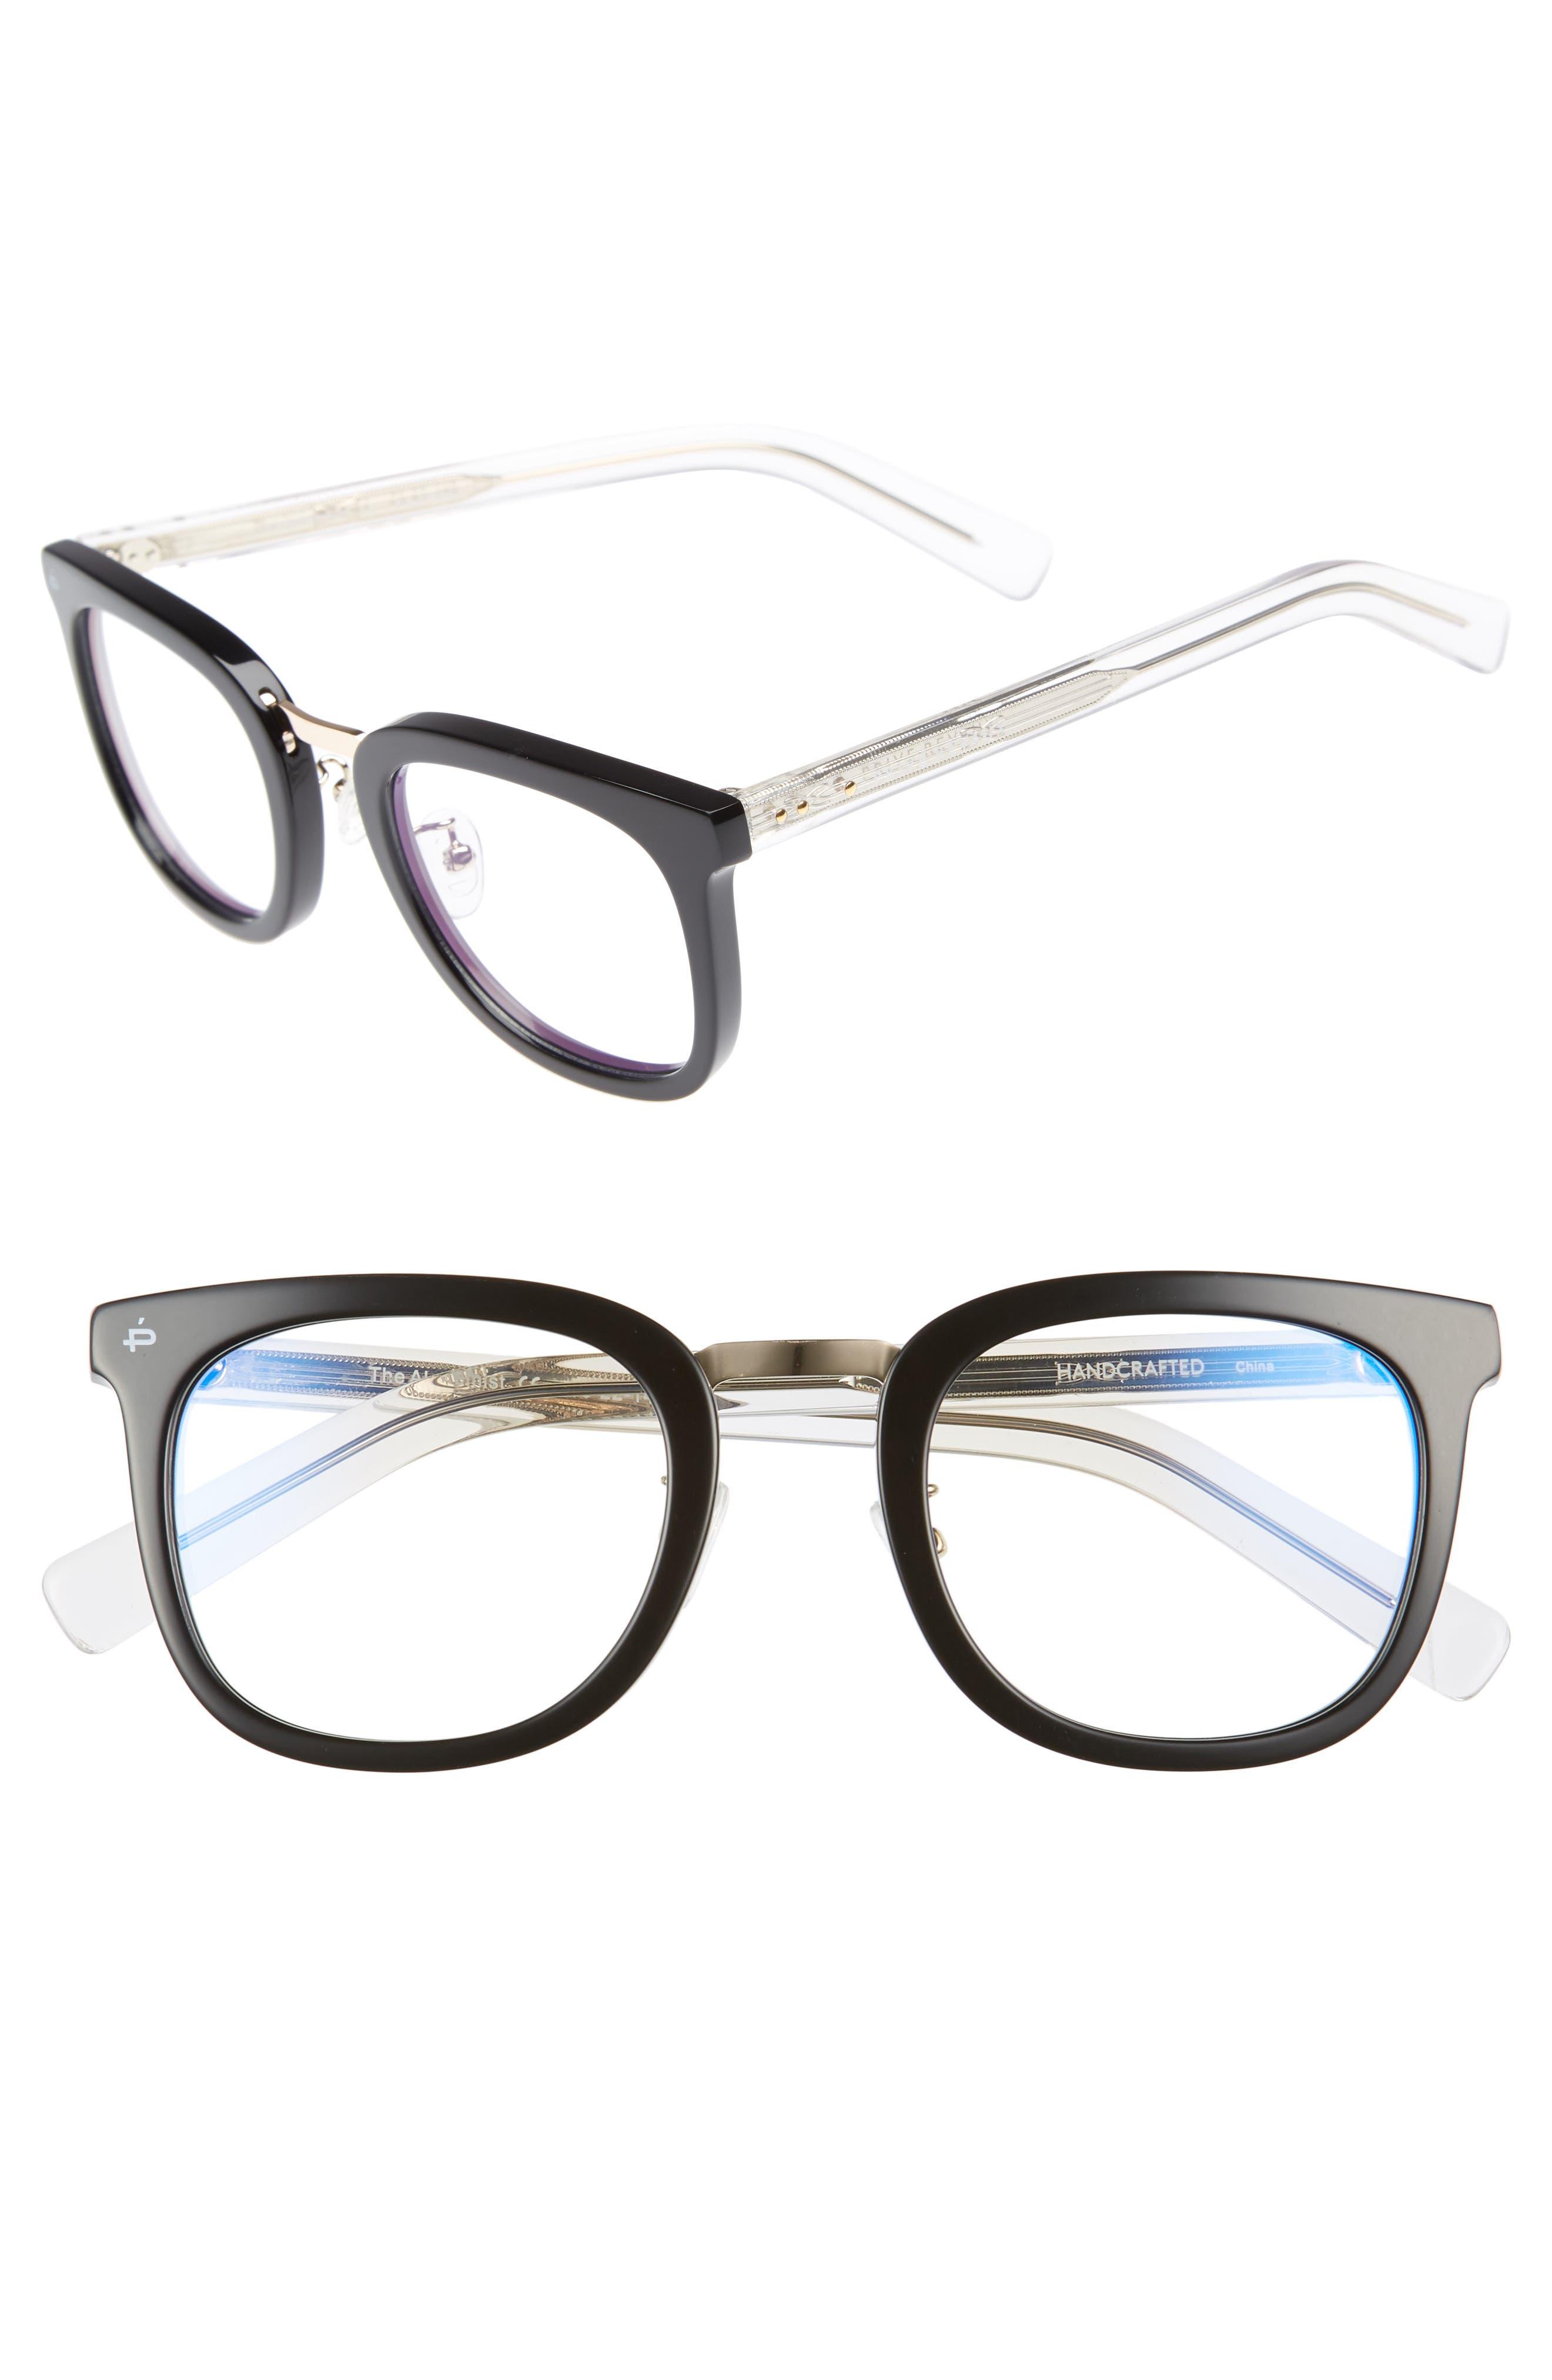 Privé Revaux The Alchemist 53mm Blue Light Blocking Glasses,                         Main,                         color, Black